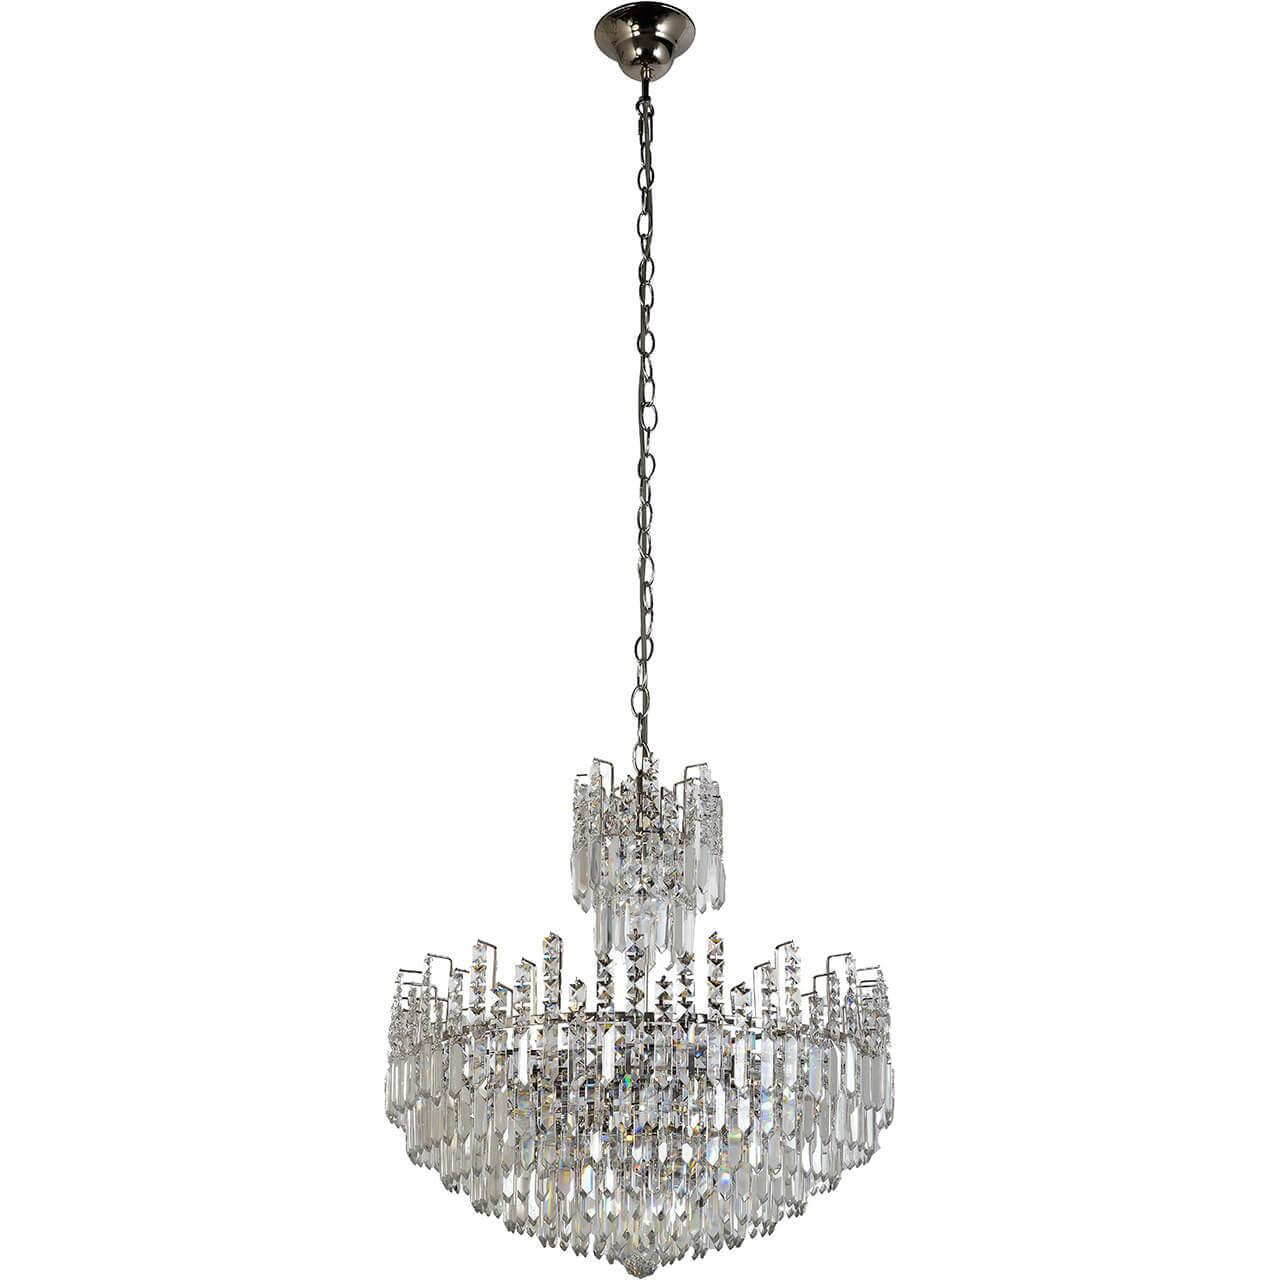 Люстра Arti lampadari LUCIA E 1.3.60.100 N arti lampadari люстра на штанге arti lampadari napoli e 1 5 38 501 n